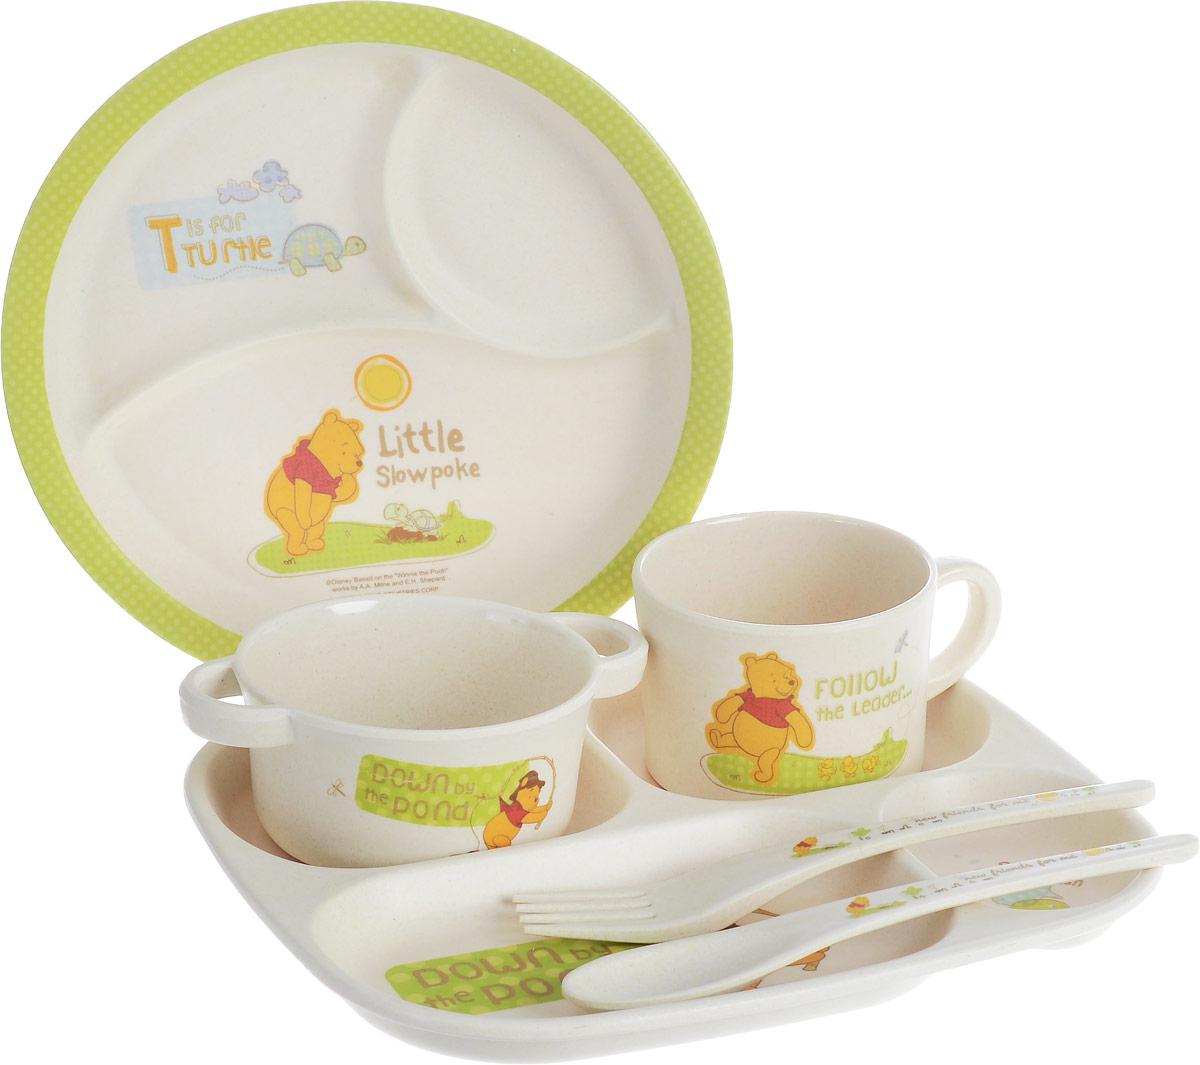 Набор детской посуды MOULINvilla, 6 предметовTSF-10-BНабор детской столовой посуды MOULINvilla, выполненный из 100% натурального бамбука, состоит из кружки, супницы, 2 тарелок, подноса, ложки и вилки. Тарелки имеют внутренние разделители. Материал изделий нетоксичен и безопасен для детского здоровья. Посуда при попадании в землю полностью разлагается за 180 дней. Можно использовать как для холодных, так и для горячих блюд. Посуда выдерживает температуру от -20°С до +120°С. Изделия оформлены изображением Винни-Пуха, черепашки и рыбок. Детская посуда удобна и увлекательна, она не оставит равнодушным вашего малыша. Привычная еда станет более вкусной и приятной, если процесс кормления сопровождать игрой и сказками. Красочная посуда является залогом хорошего настроения и аппетита ваших детей, а также станет желанным подарком. Можно мыть в посудомоечной машине. Нельзя использовать в СВЧ печах. Диаметр кружки: 8 см. Высота стенки: 6 см. Диаметр супницы: 9,5 см. Высота стенки: 4,8 см. Диаметр обеденной тарелки:...